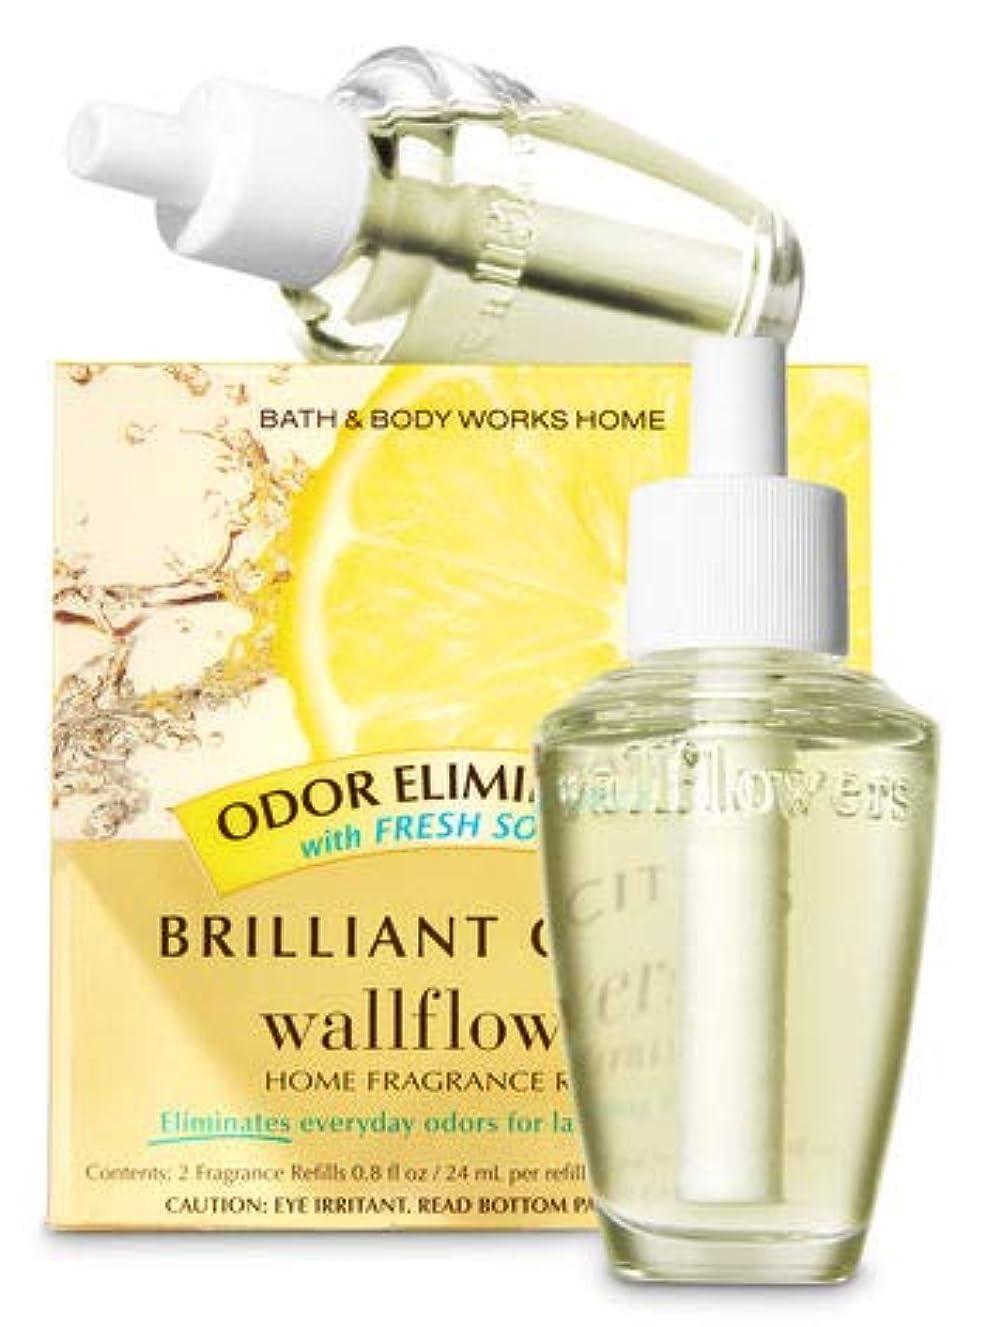 エレベーター教義二年生【Bath&Body Works/バス&ボディワークス】 ルームフレグランス 詰替えリフィル(2個入り) 消臭効果付き ブリリアントシトラス Wallflowers Home Fragrance 2-Pack Refills Odor eliminating Brilliant Citrus [並行輸入品]